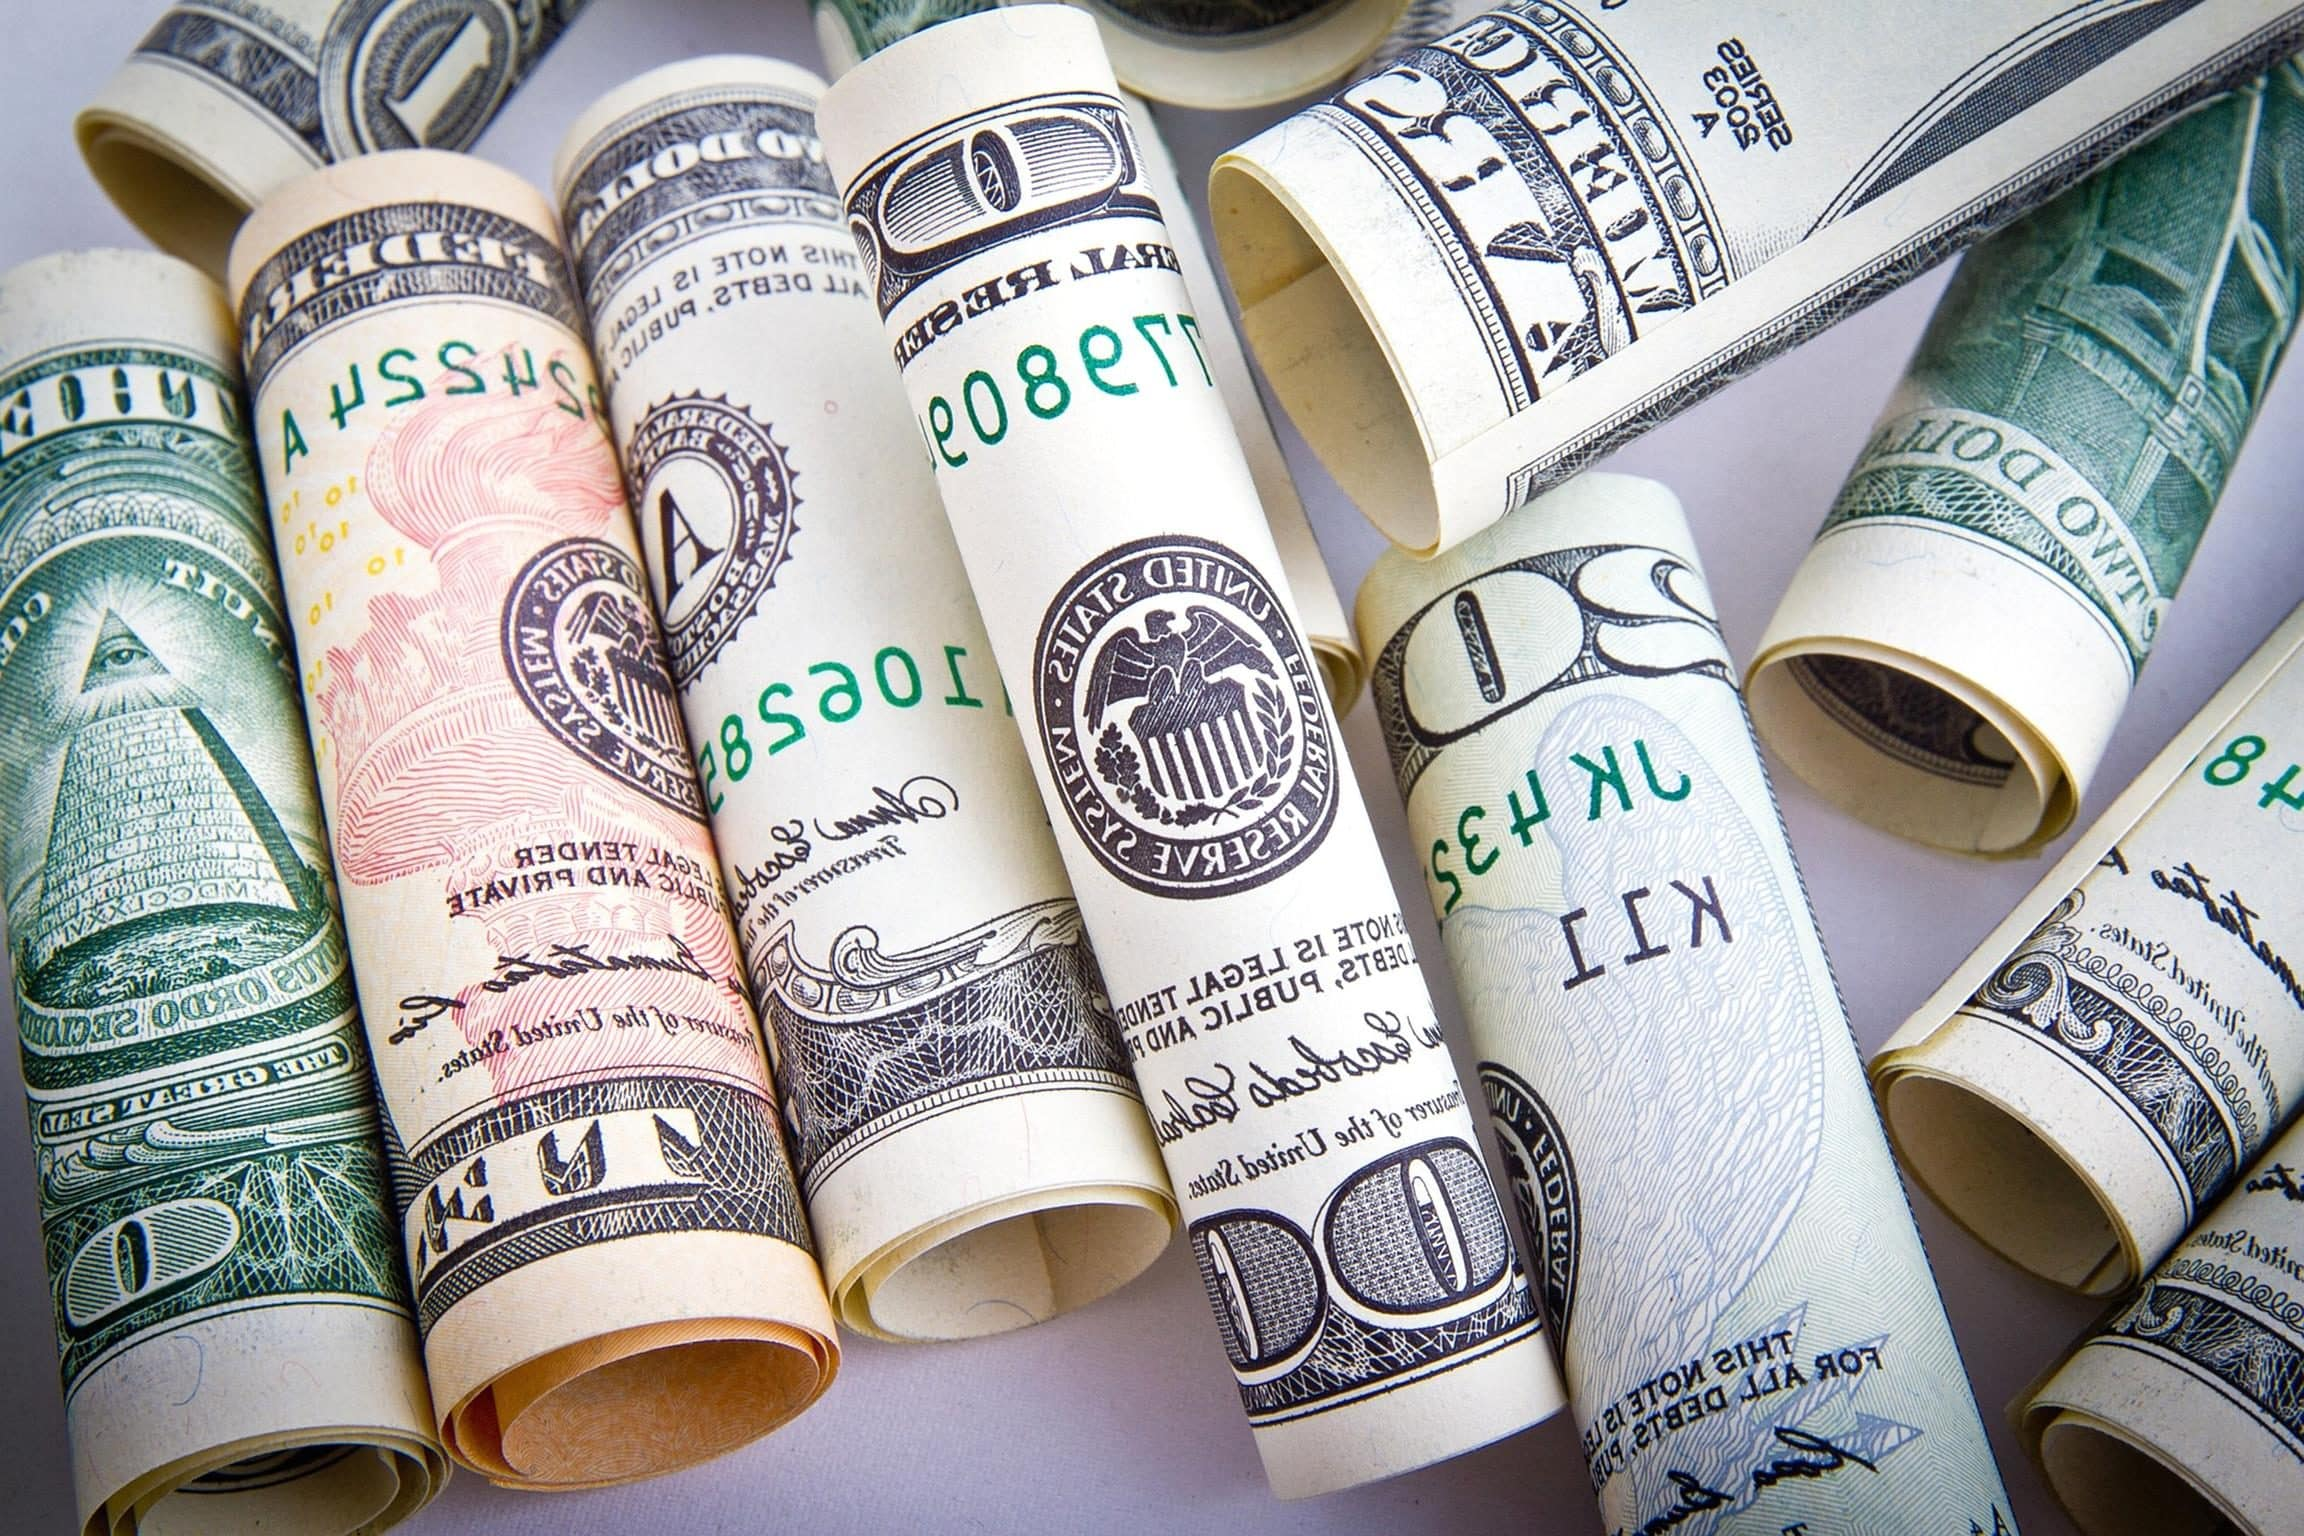 cum puteți câștiga bani pe semnale de tranzacționare cum să faci bani mari deodată